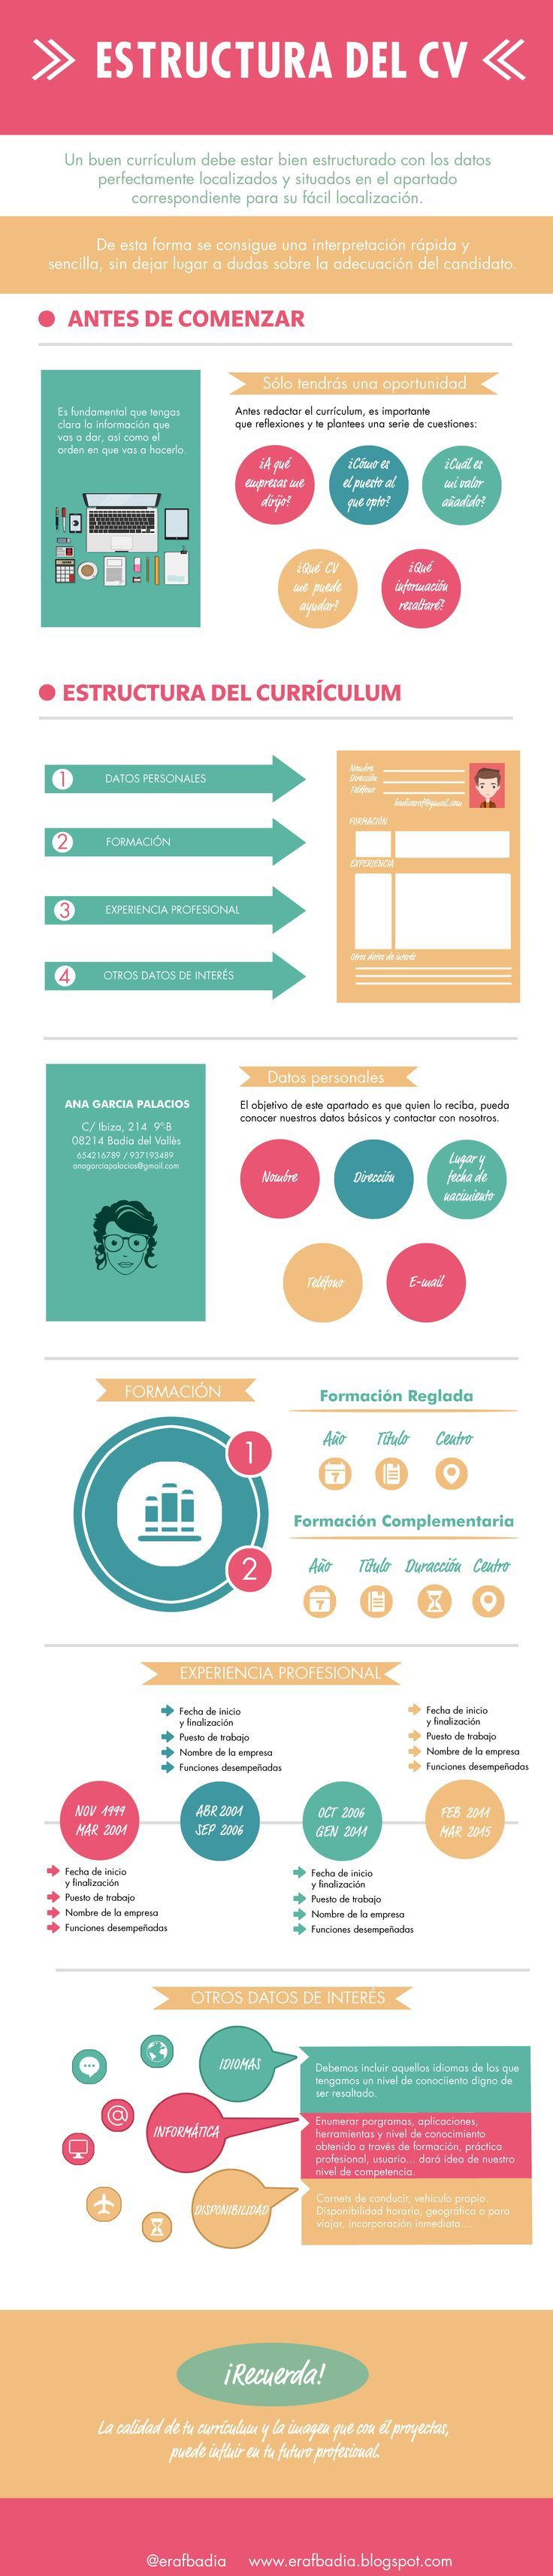 Infografía: Estructura y contenido del currículum